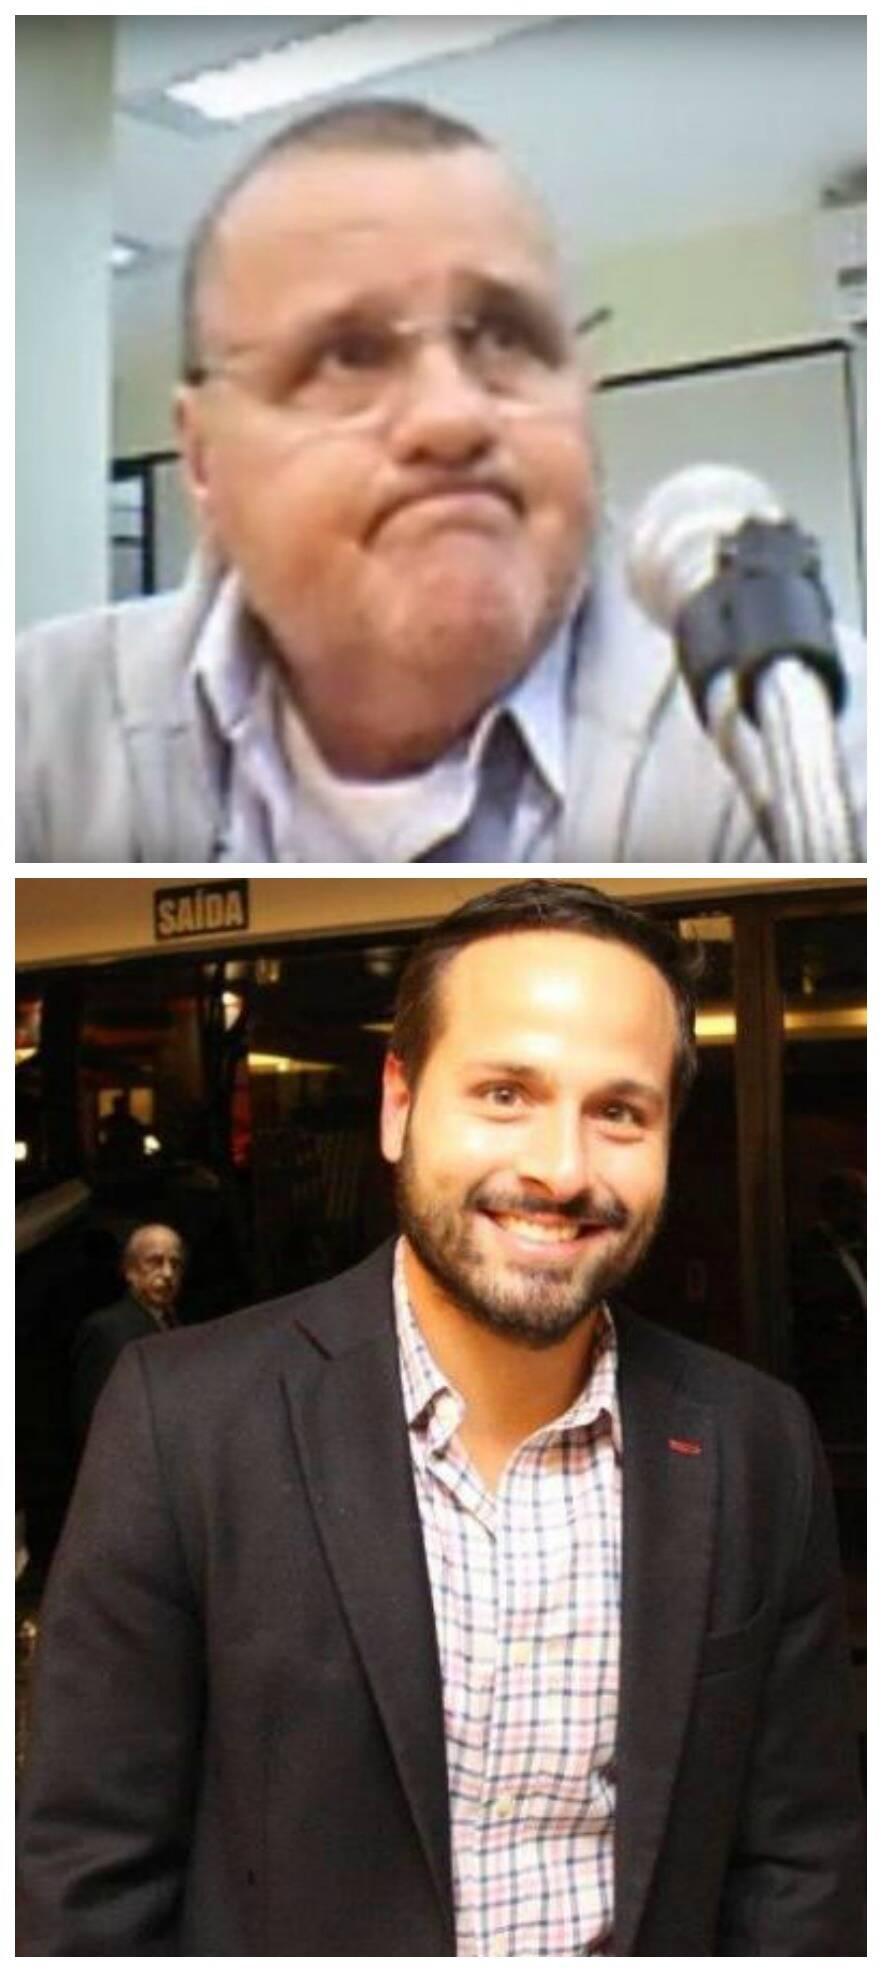 O ex-ministro Geddel Vieira Lima, no alto; acima, o também ex-ministro do governo Temer Marcelo Calero/ Foto: IG e acervo do site Lu Lacerda